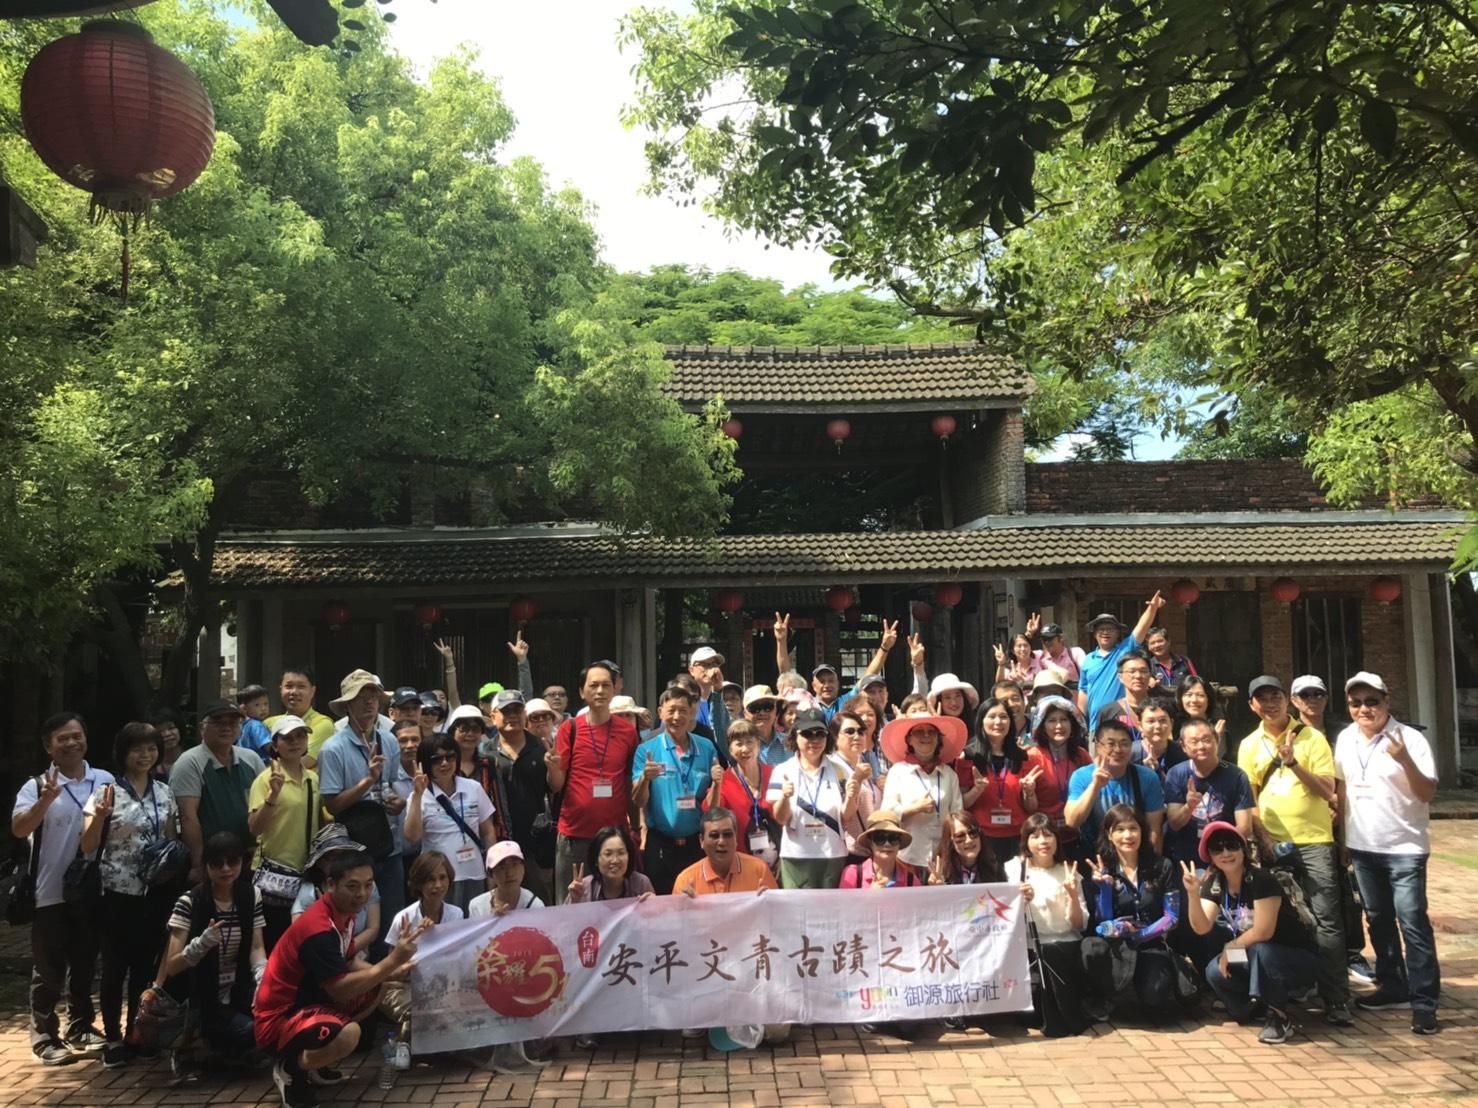 108年度模範勞工參訪「臺南安平文青古蹟之旅」在工作與生活之間取得平衡